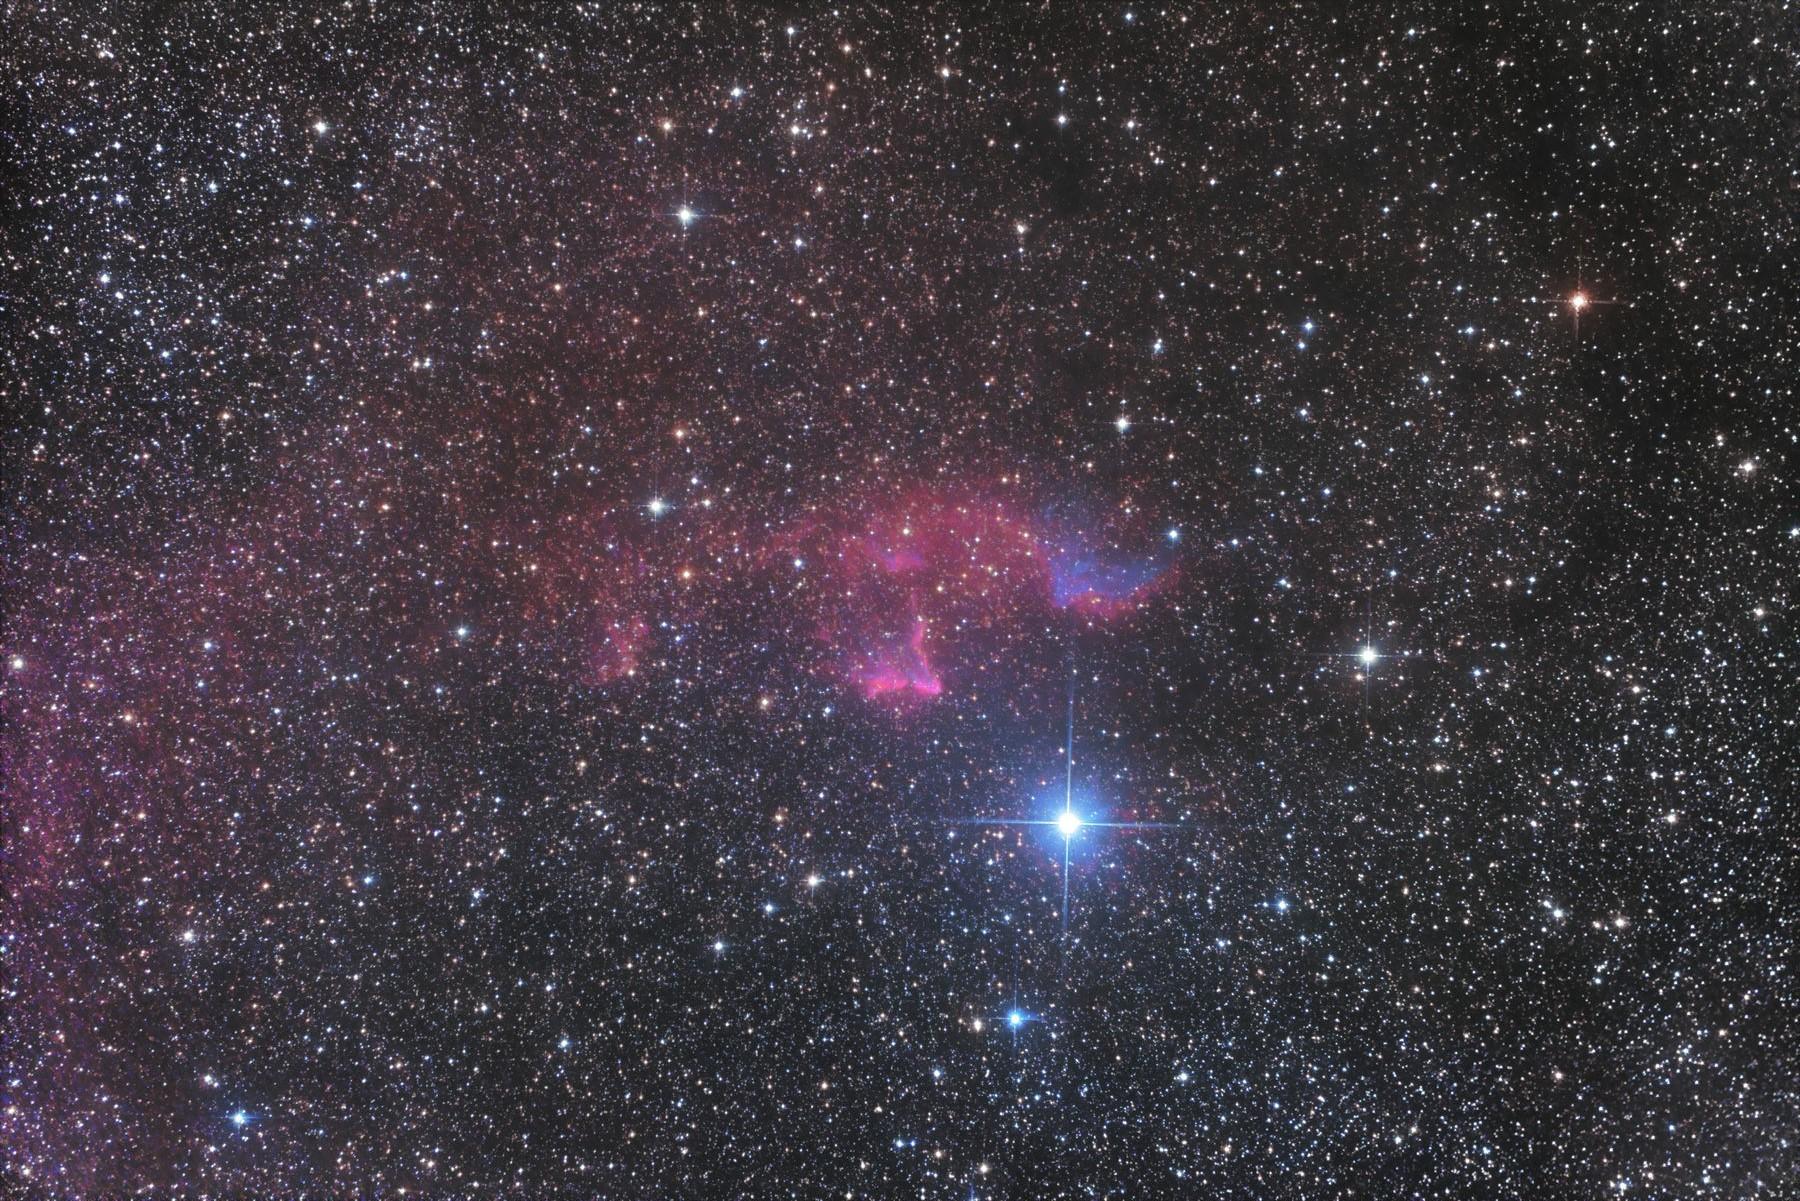 【星雲】IC59 & IC63